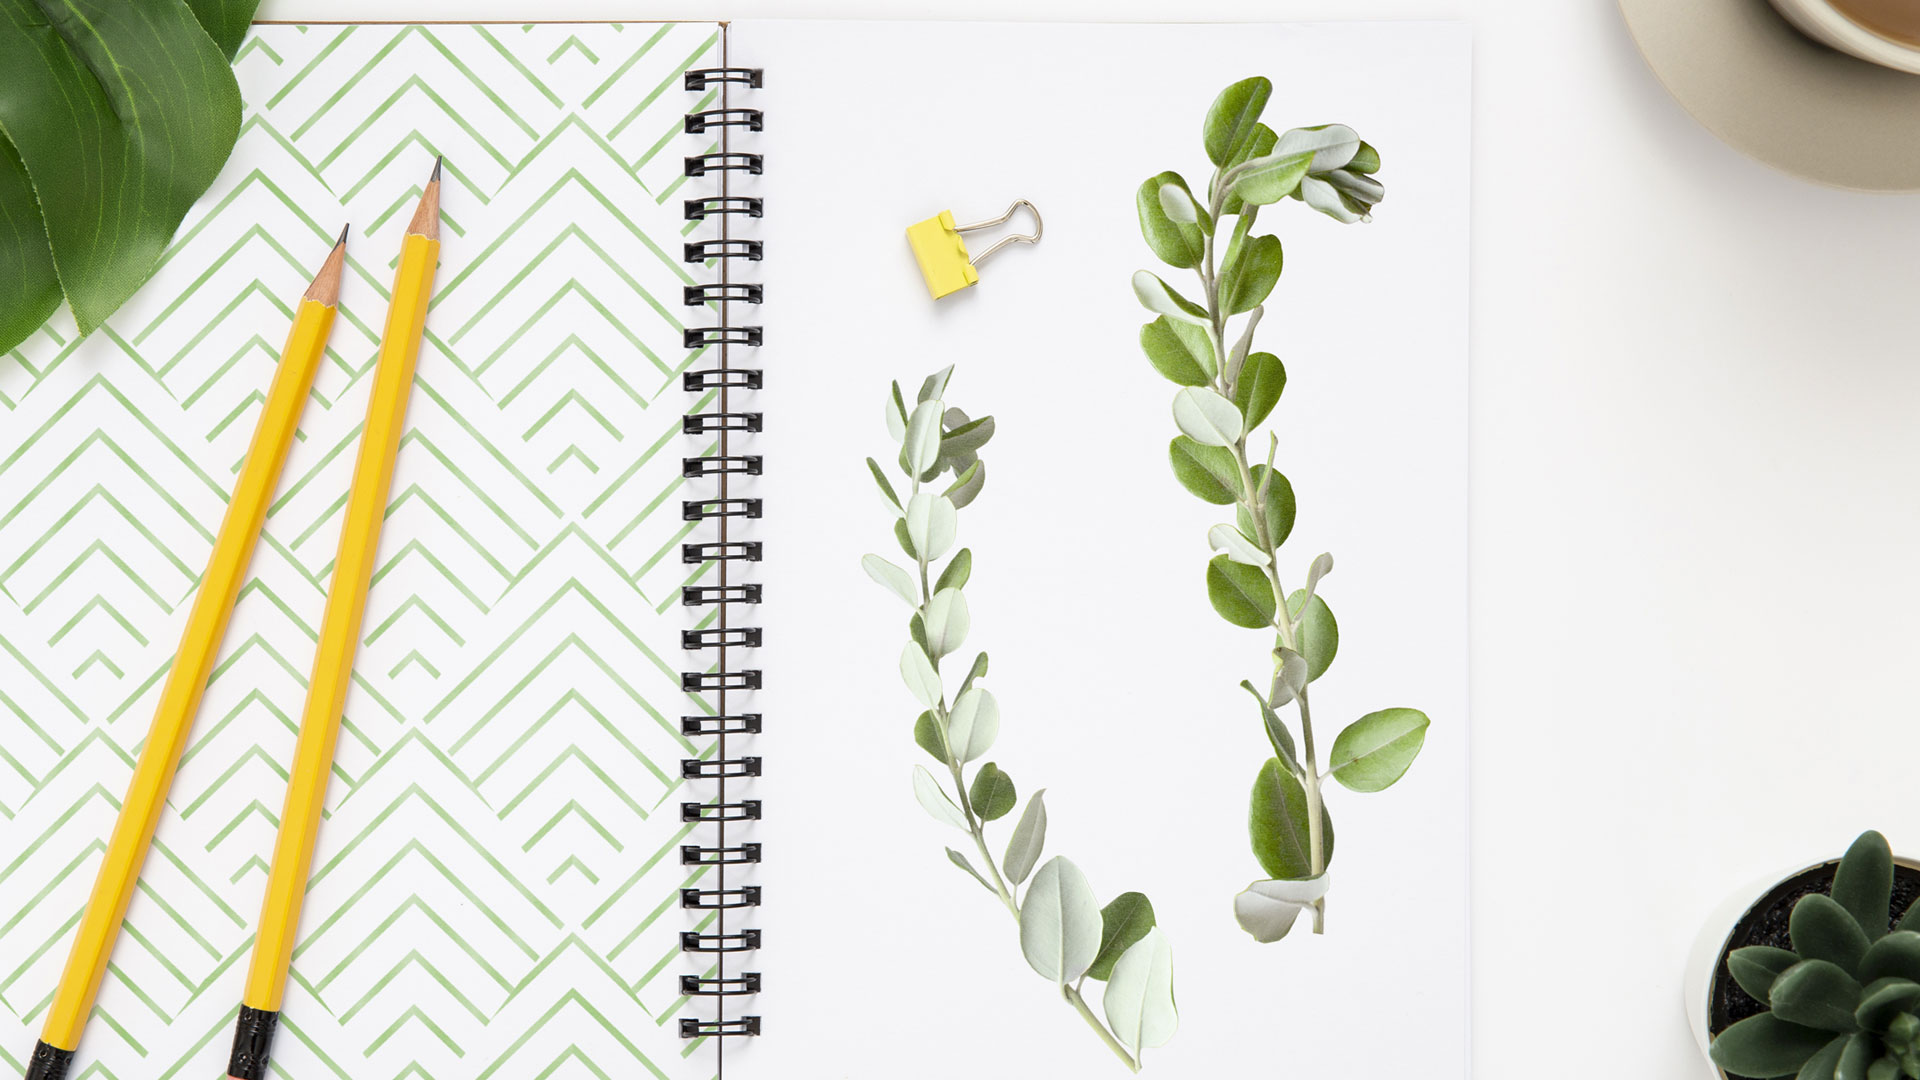 Как нарисовать эскиз гирлянды иззелени